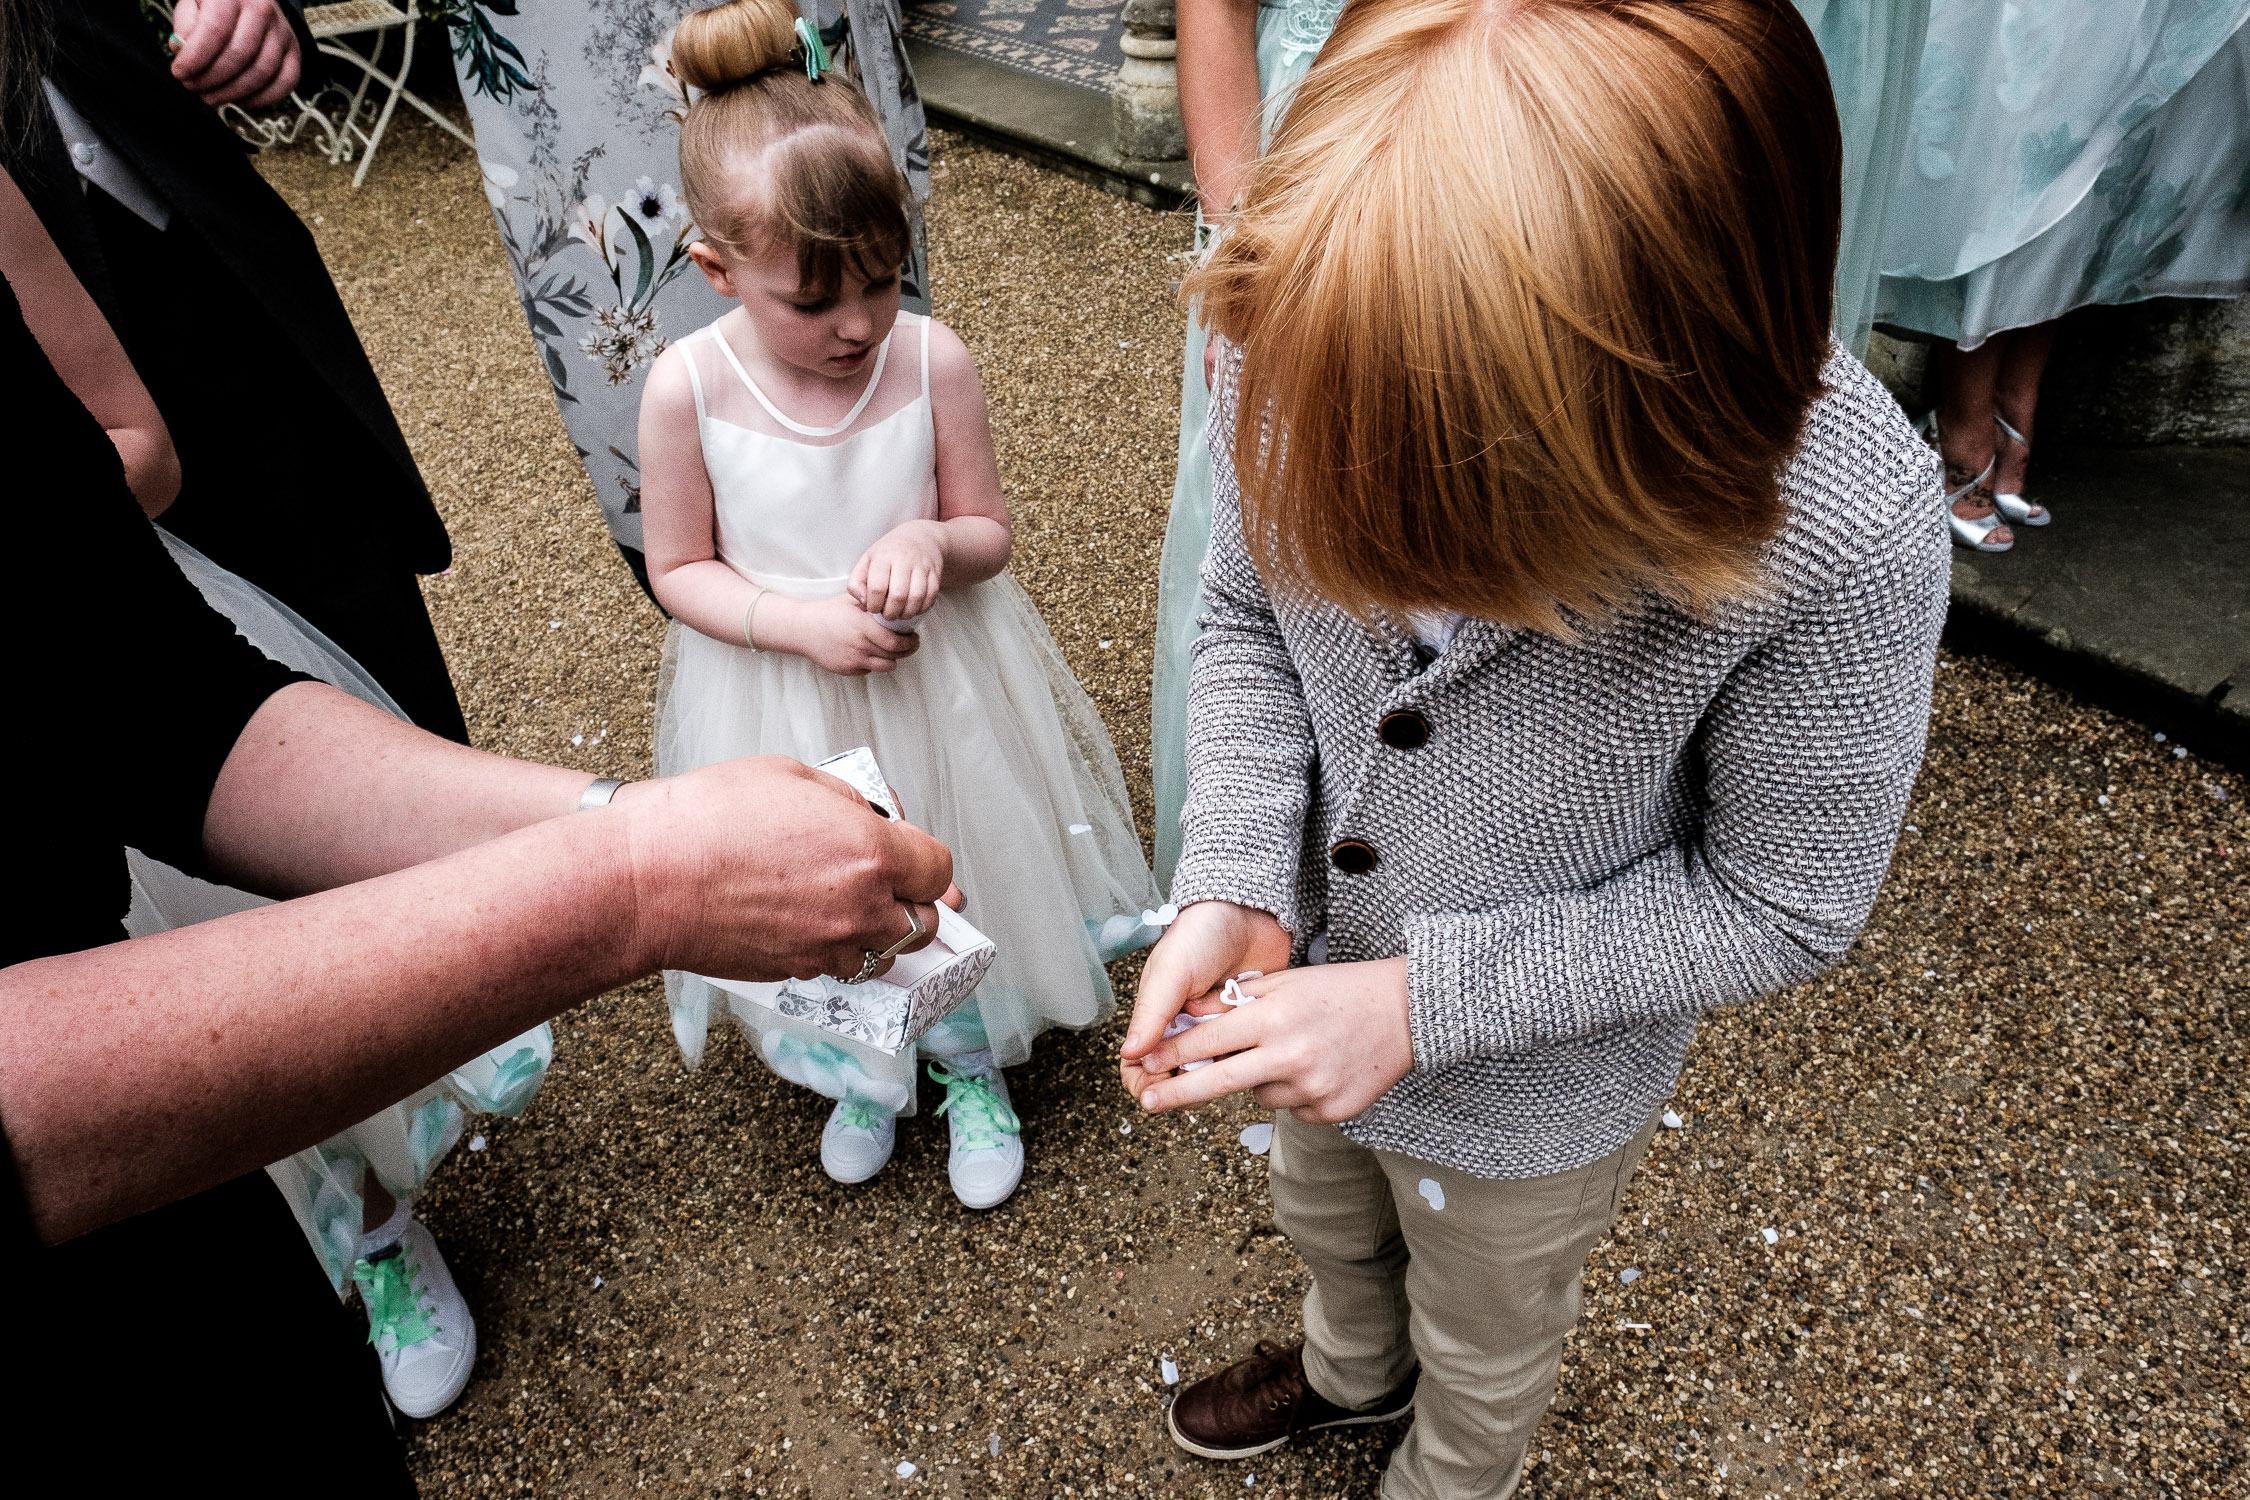 boy holding confetti